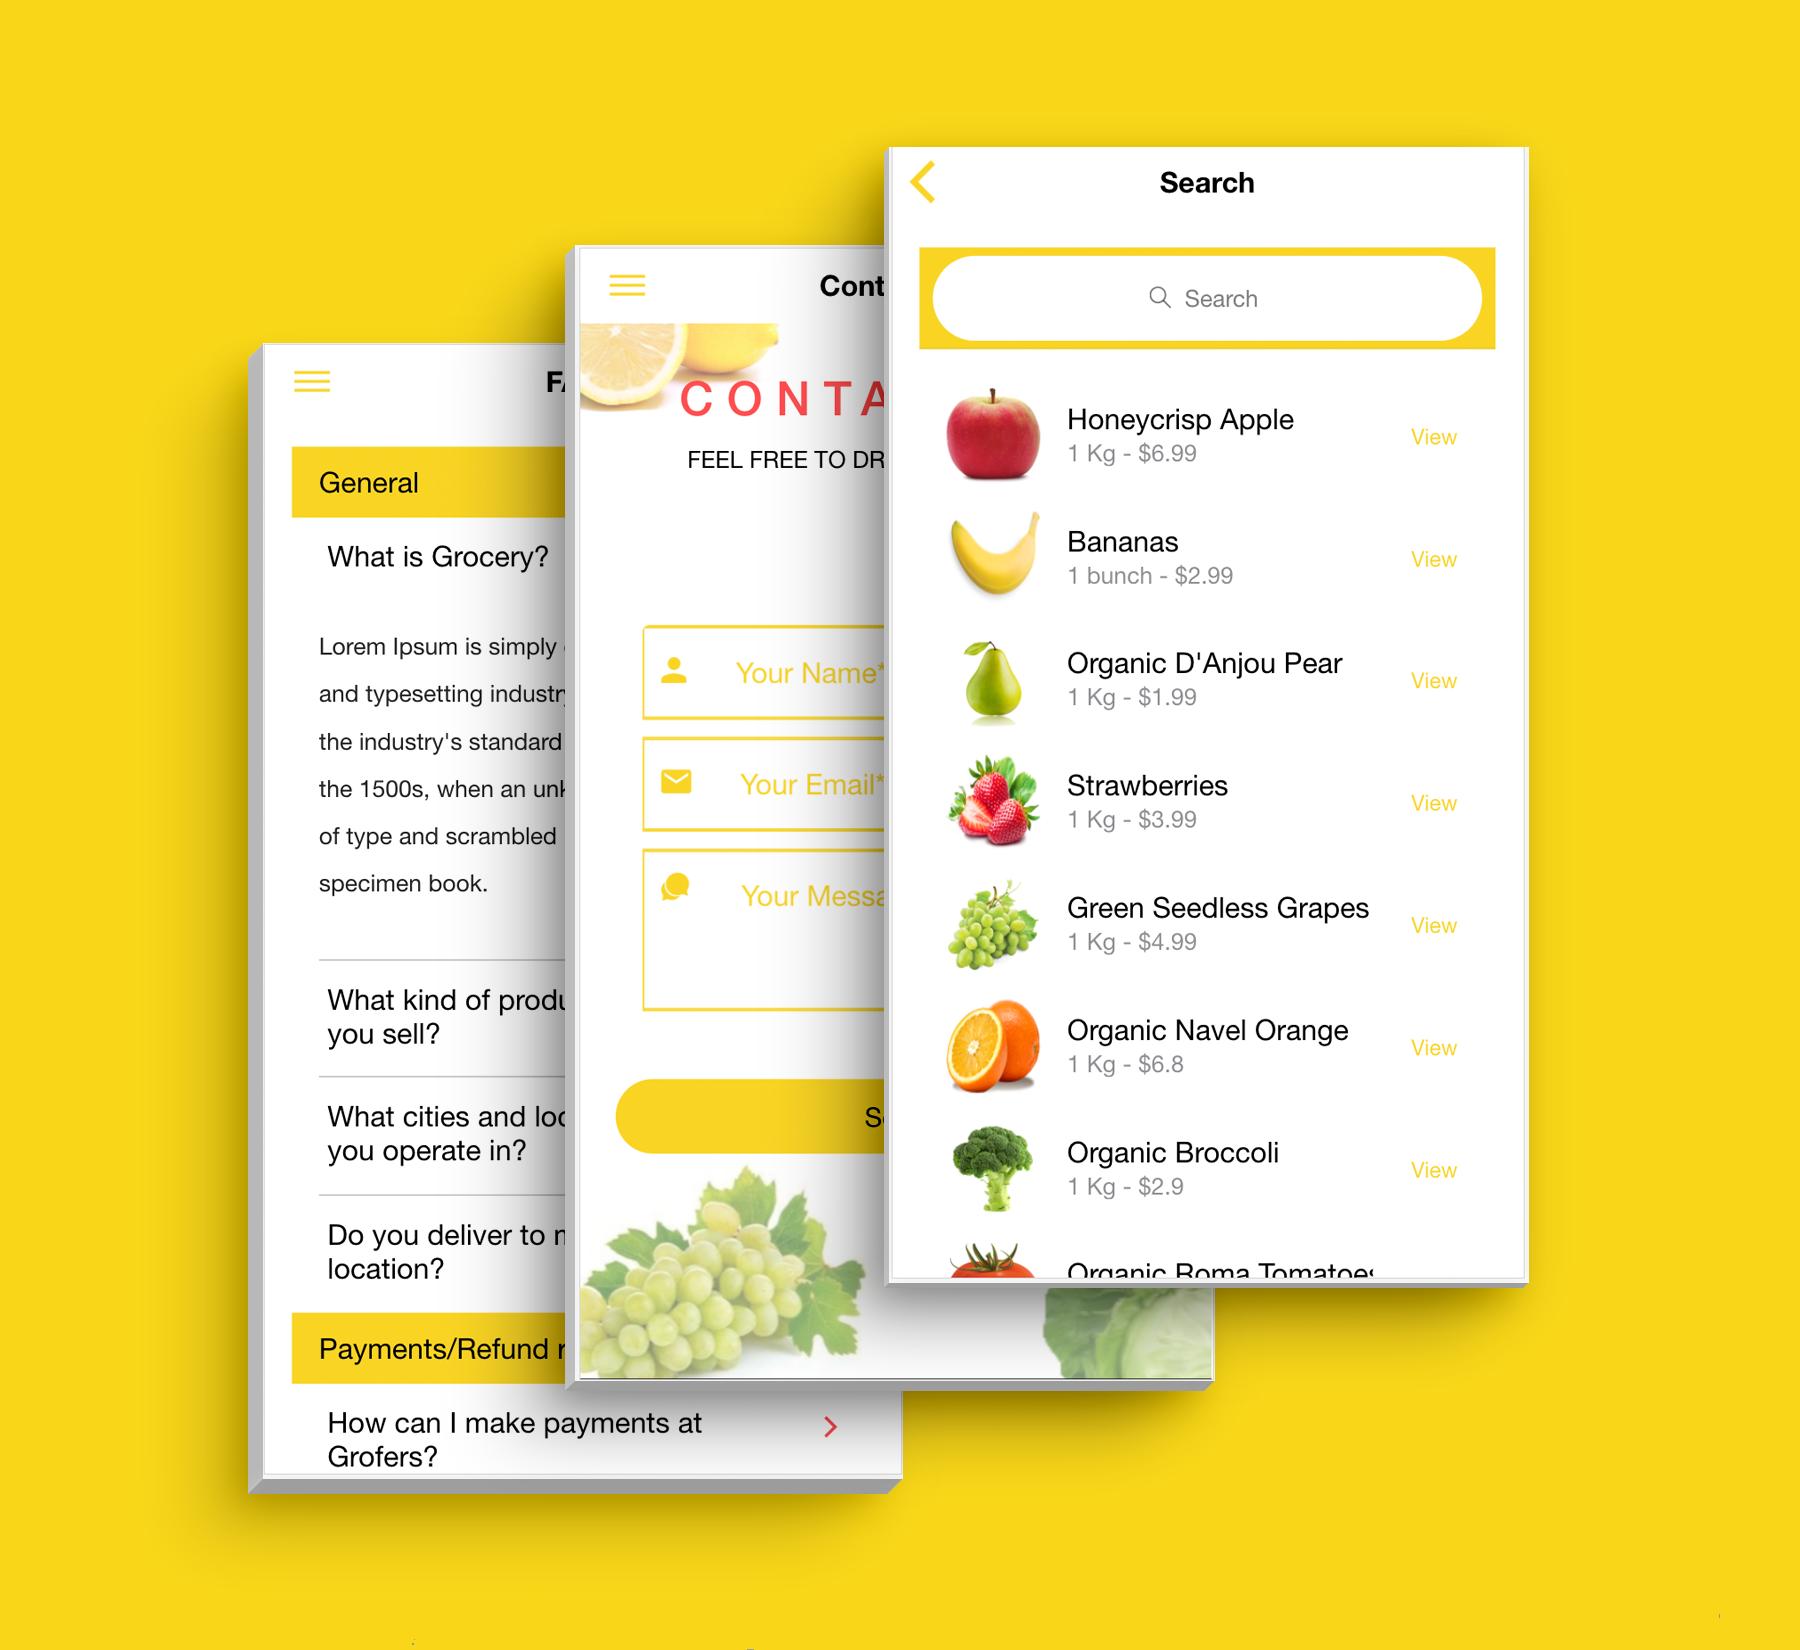 Aplicativo de supermercado de interface do usuário de modelo de comércio eletrônico multifuncional completo compatível com vários idiomas i18n - 11